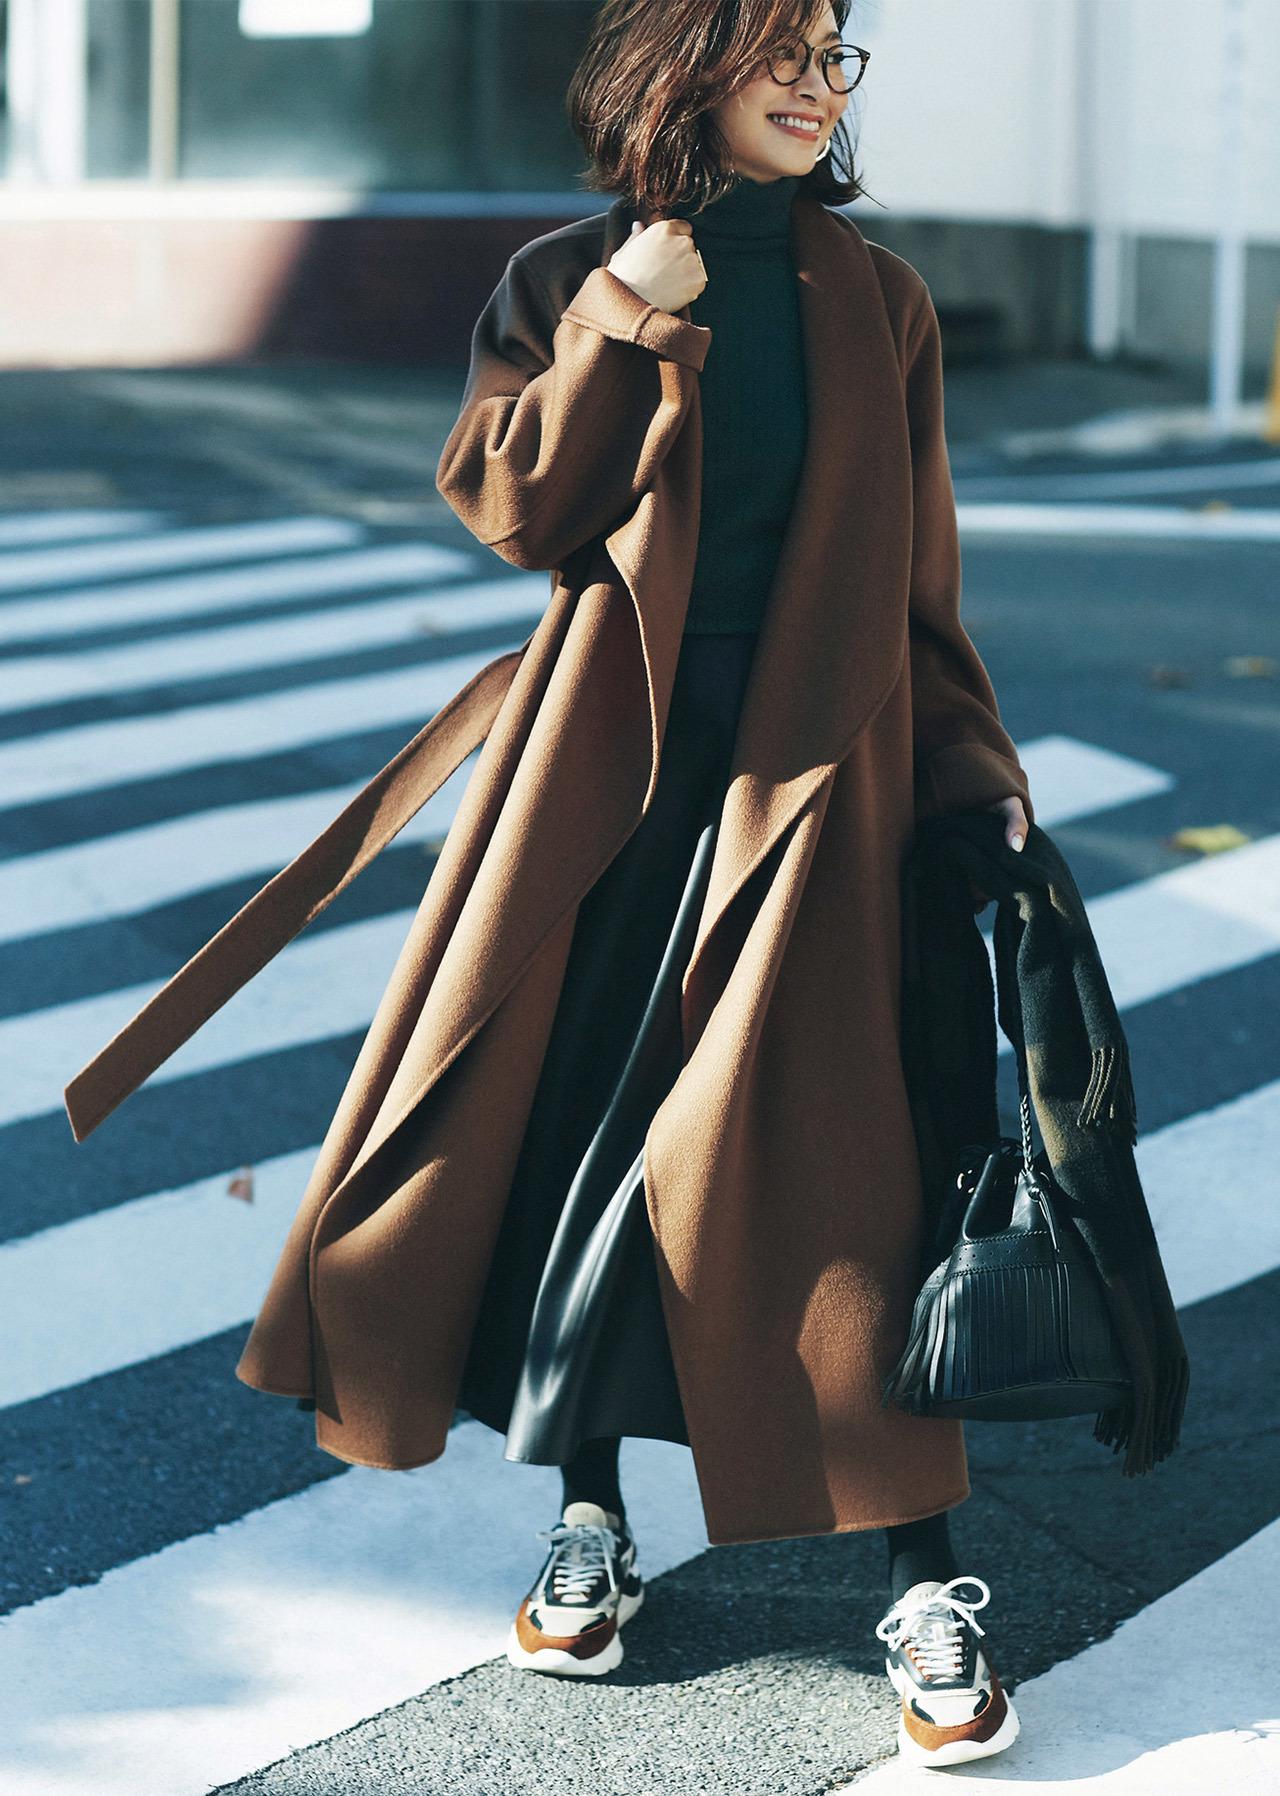 ブラウン系のスニーカーは私の服に合わせやすく便利